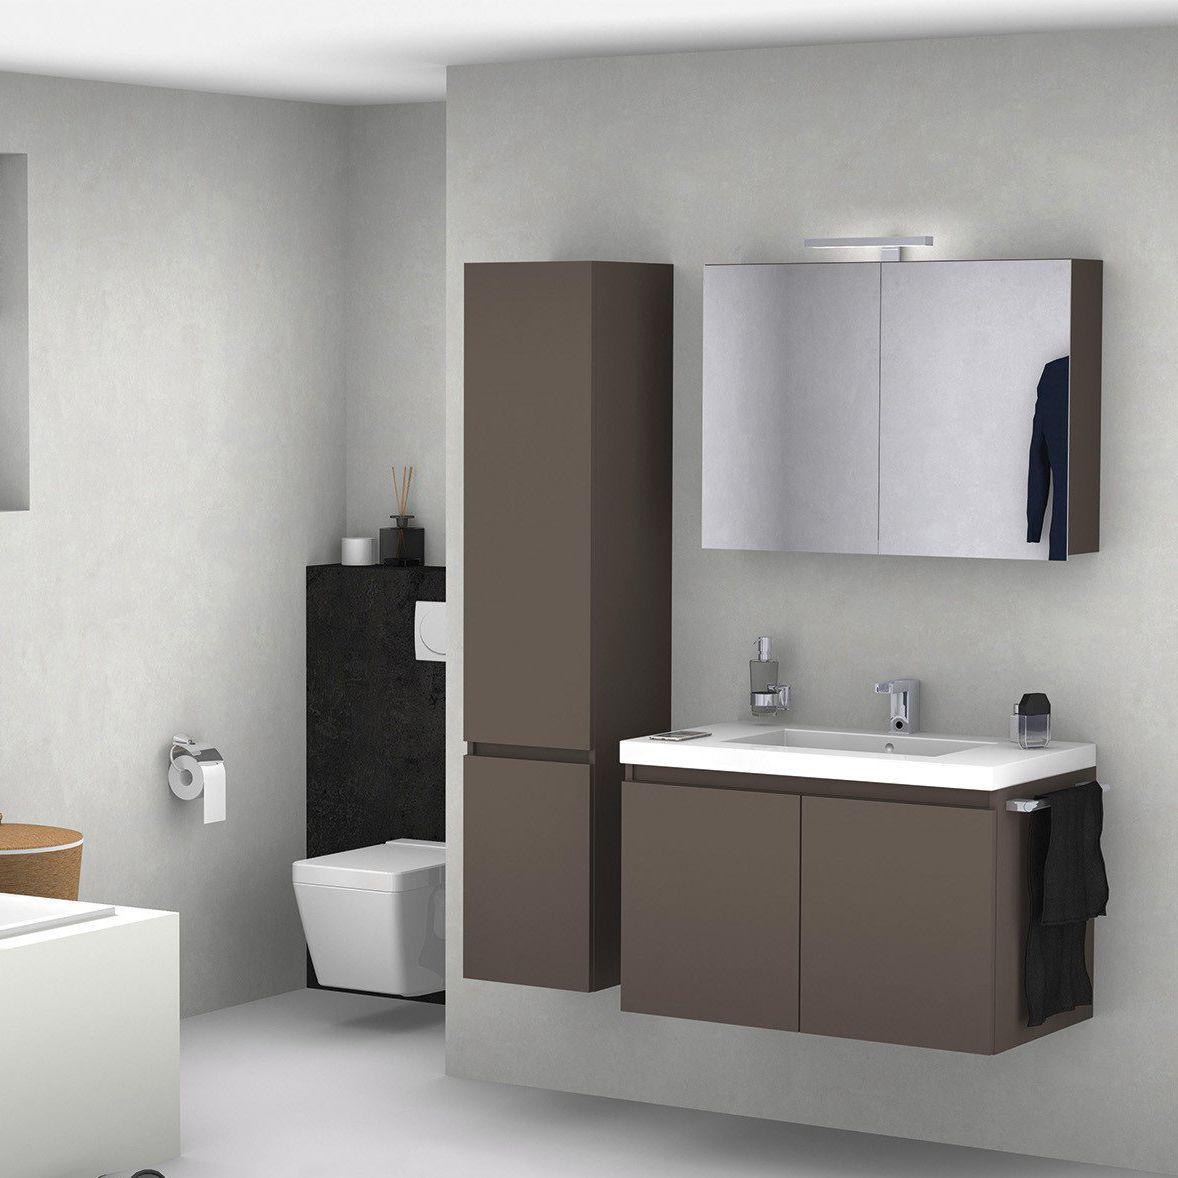 Espace Entre 2 Vasques meuble vasque suspendu / en bois / contemporain / avec